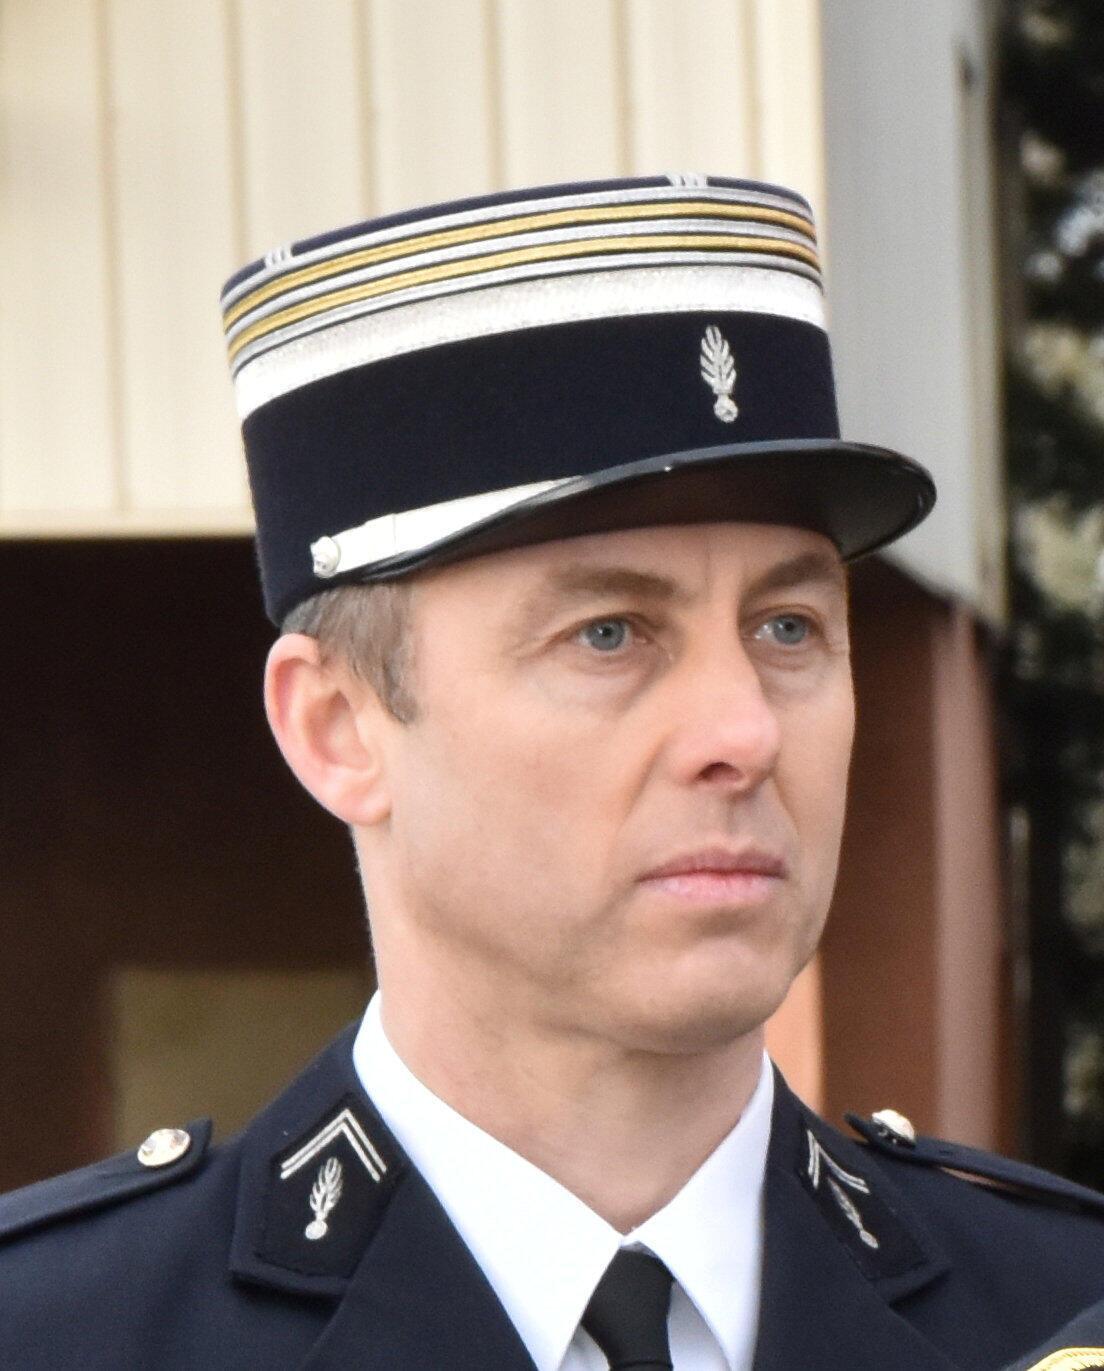 Trung tá Arnaud Beltrame, người thay thế một con tin trong vụ khủng bố ở miền nam nước Pháp ngày 23/03/2018, đã qua đời vì bị thương quá nặng.